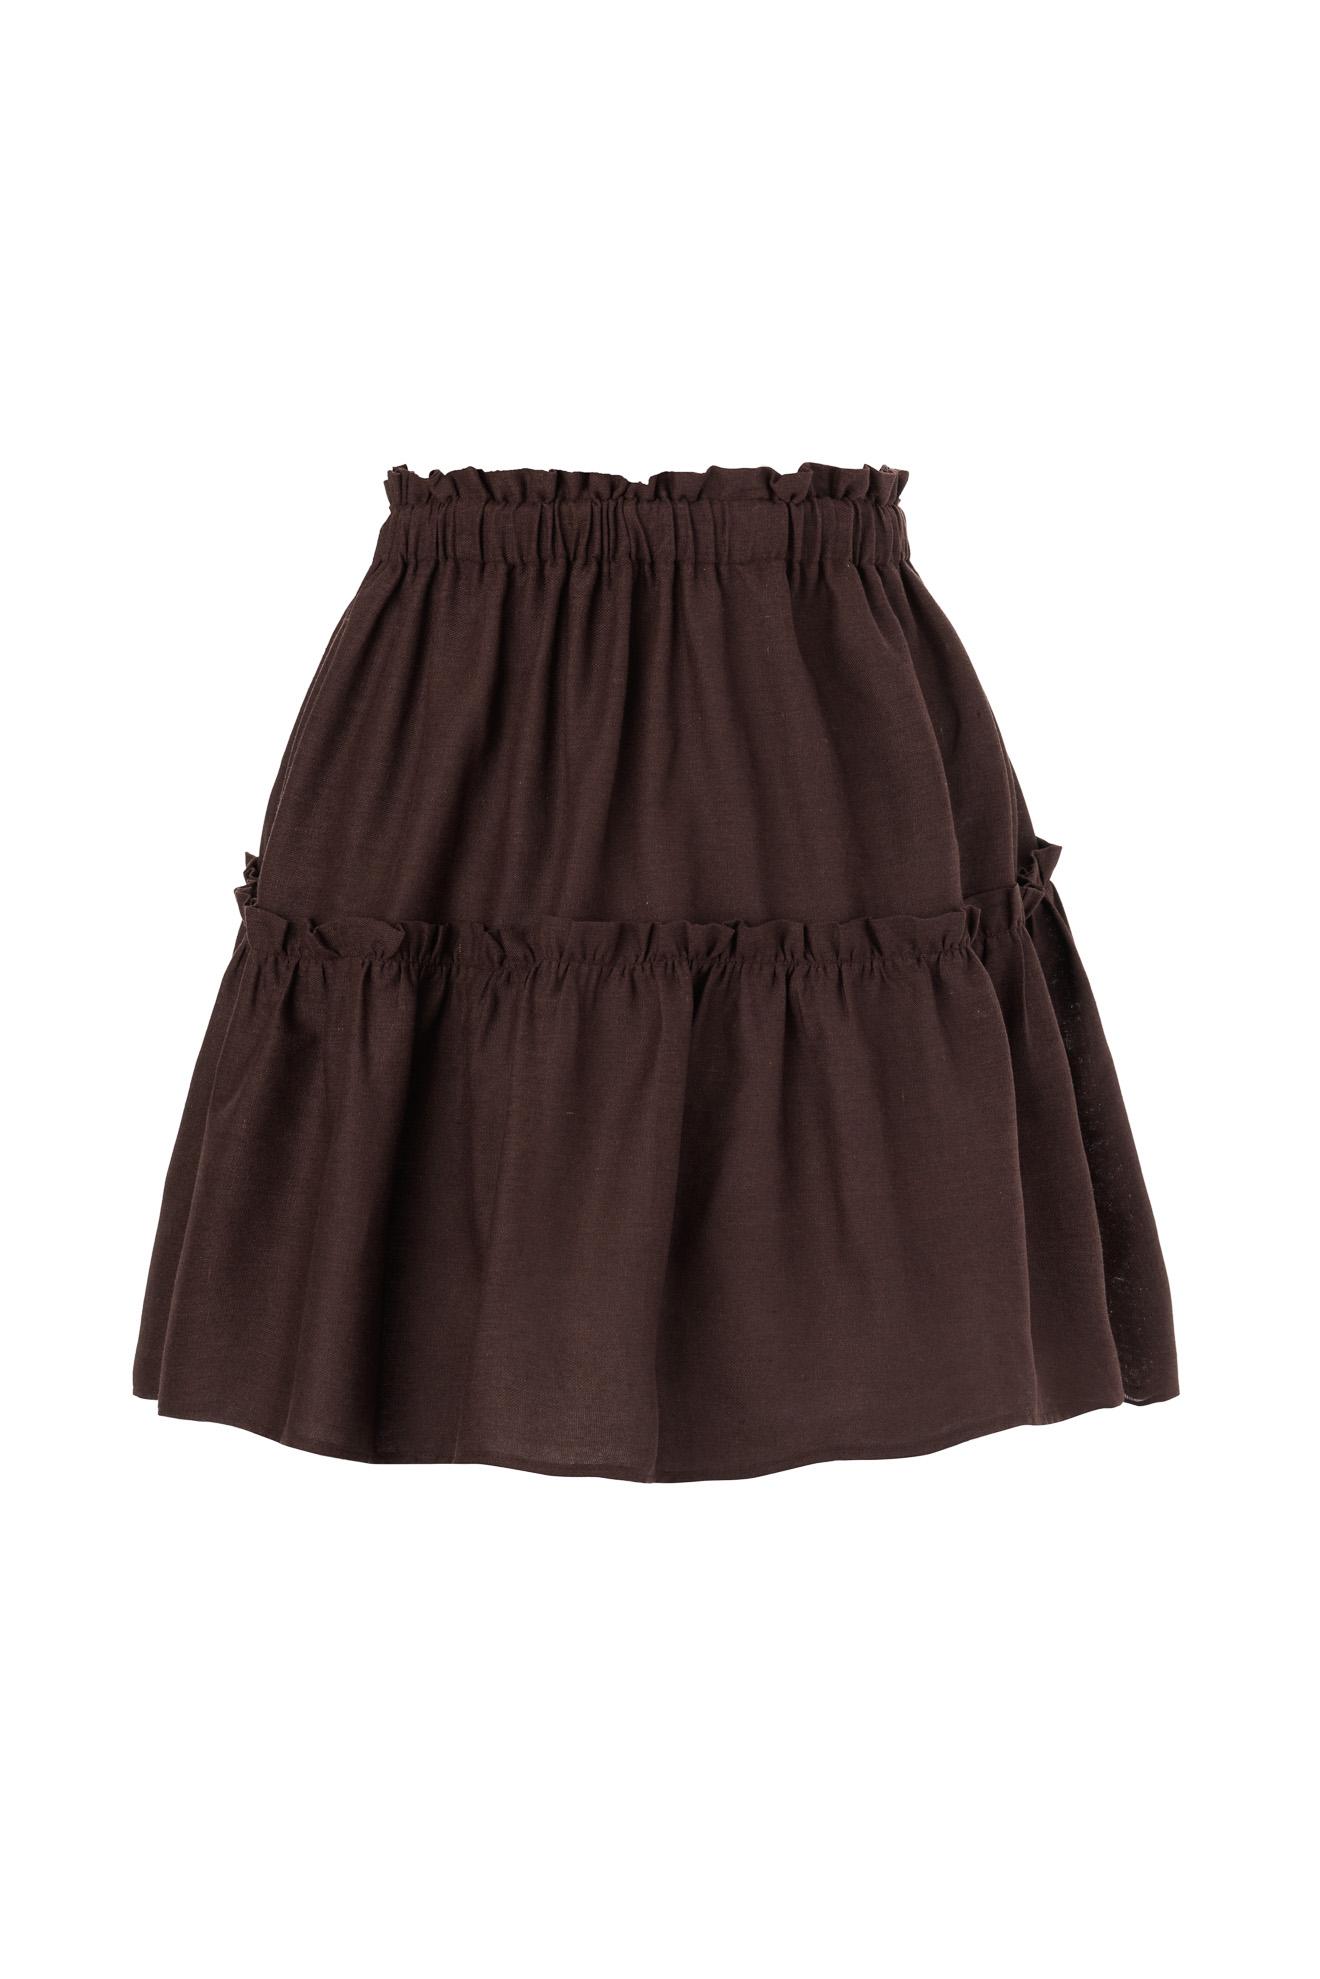 Livia linen skirt 2021 collection